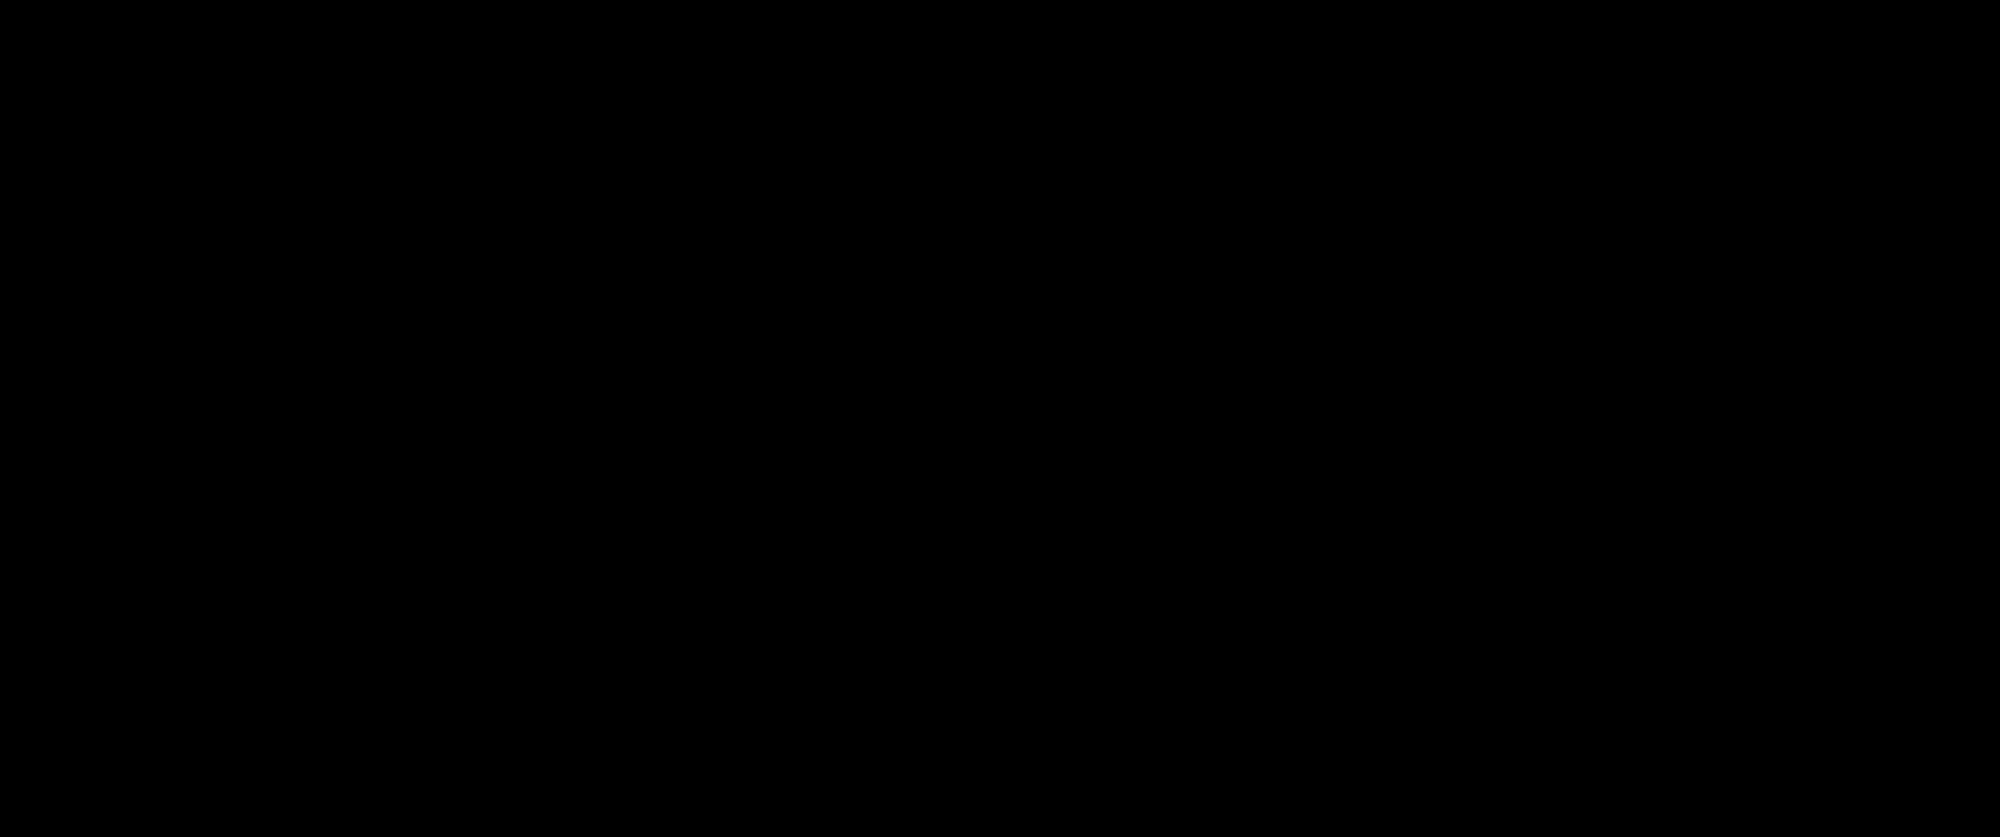 Risultati immagini per Tetragramma